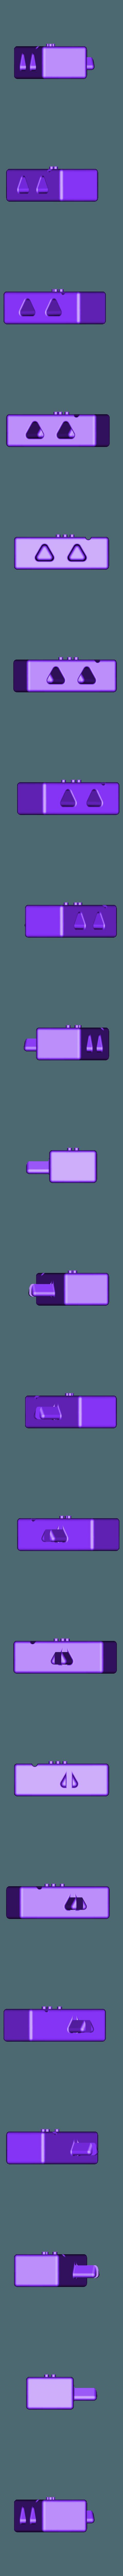 S.stl Télécharger fichier STL gratuit Mouse Fittle Puzzle • Plan à imprimer en 3D, Fittle